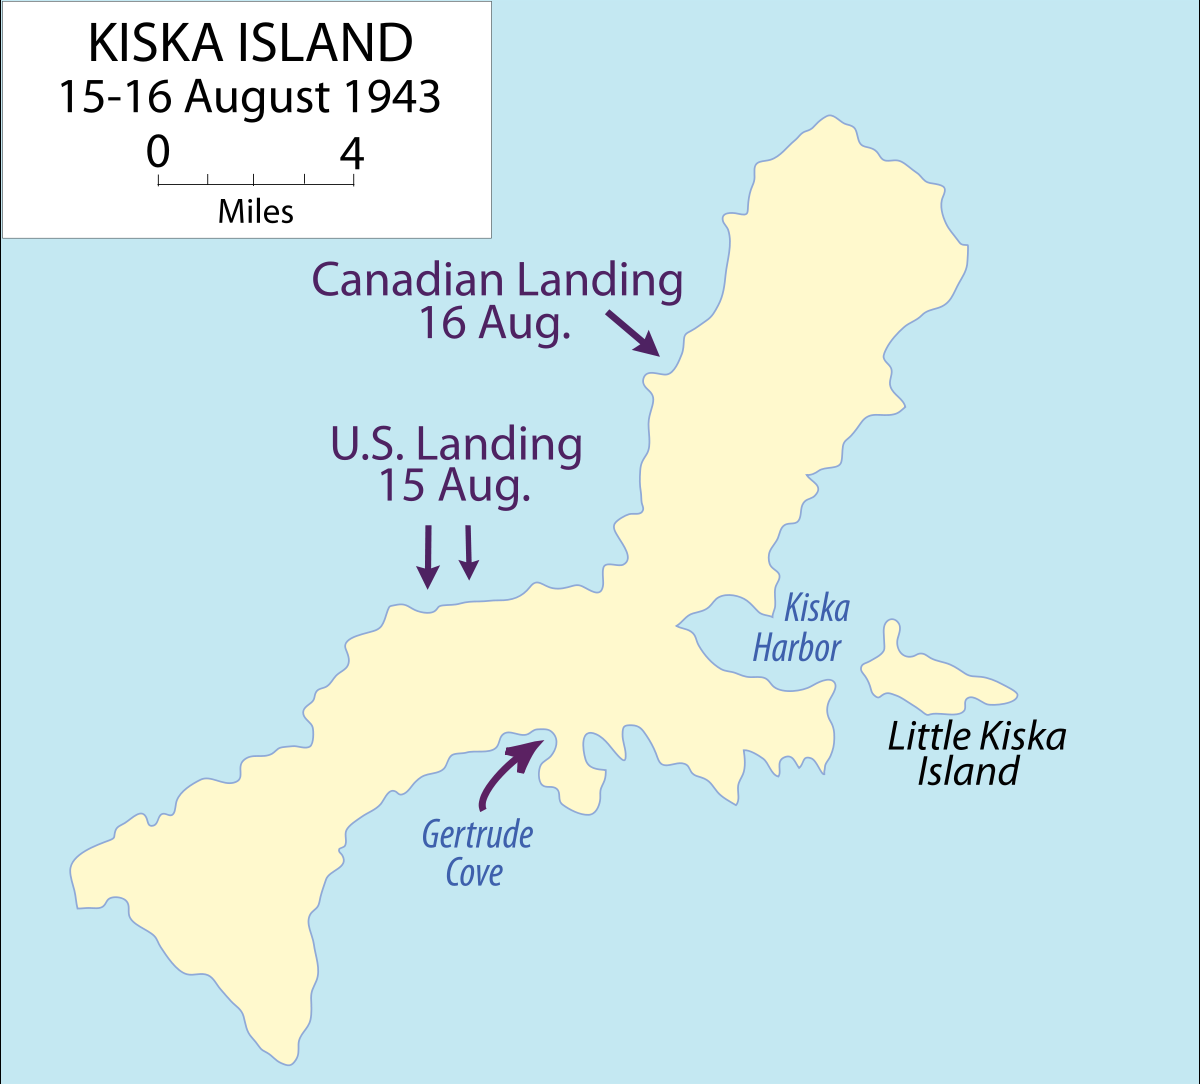 キスカ島撤退作戦 - Wikipedia